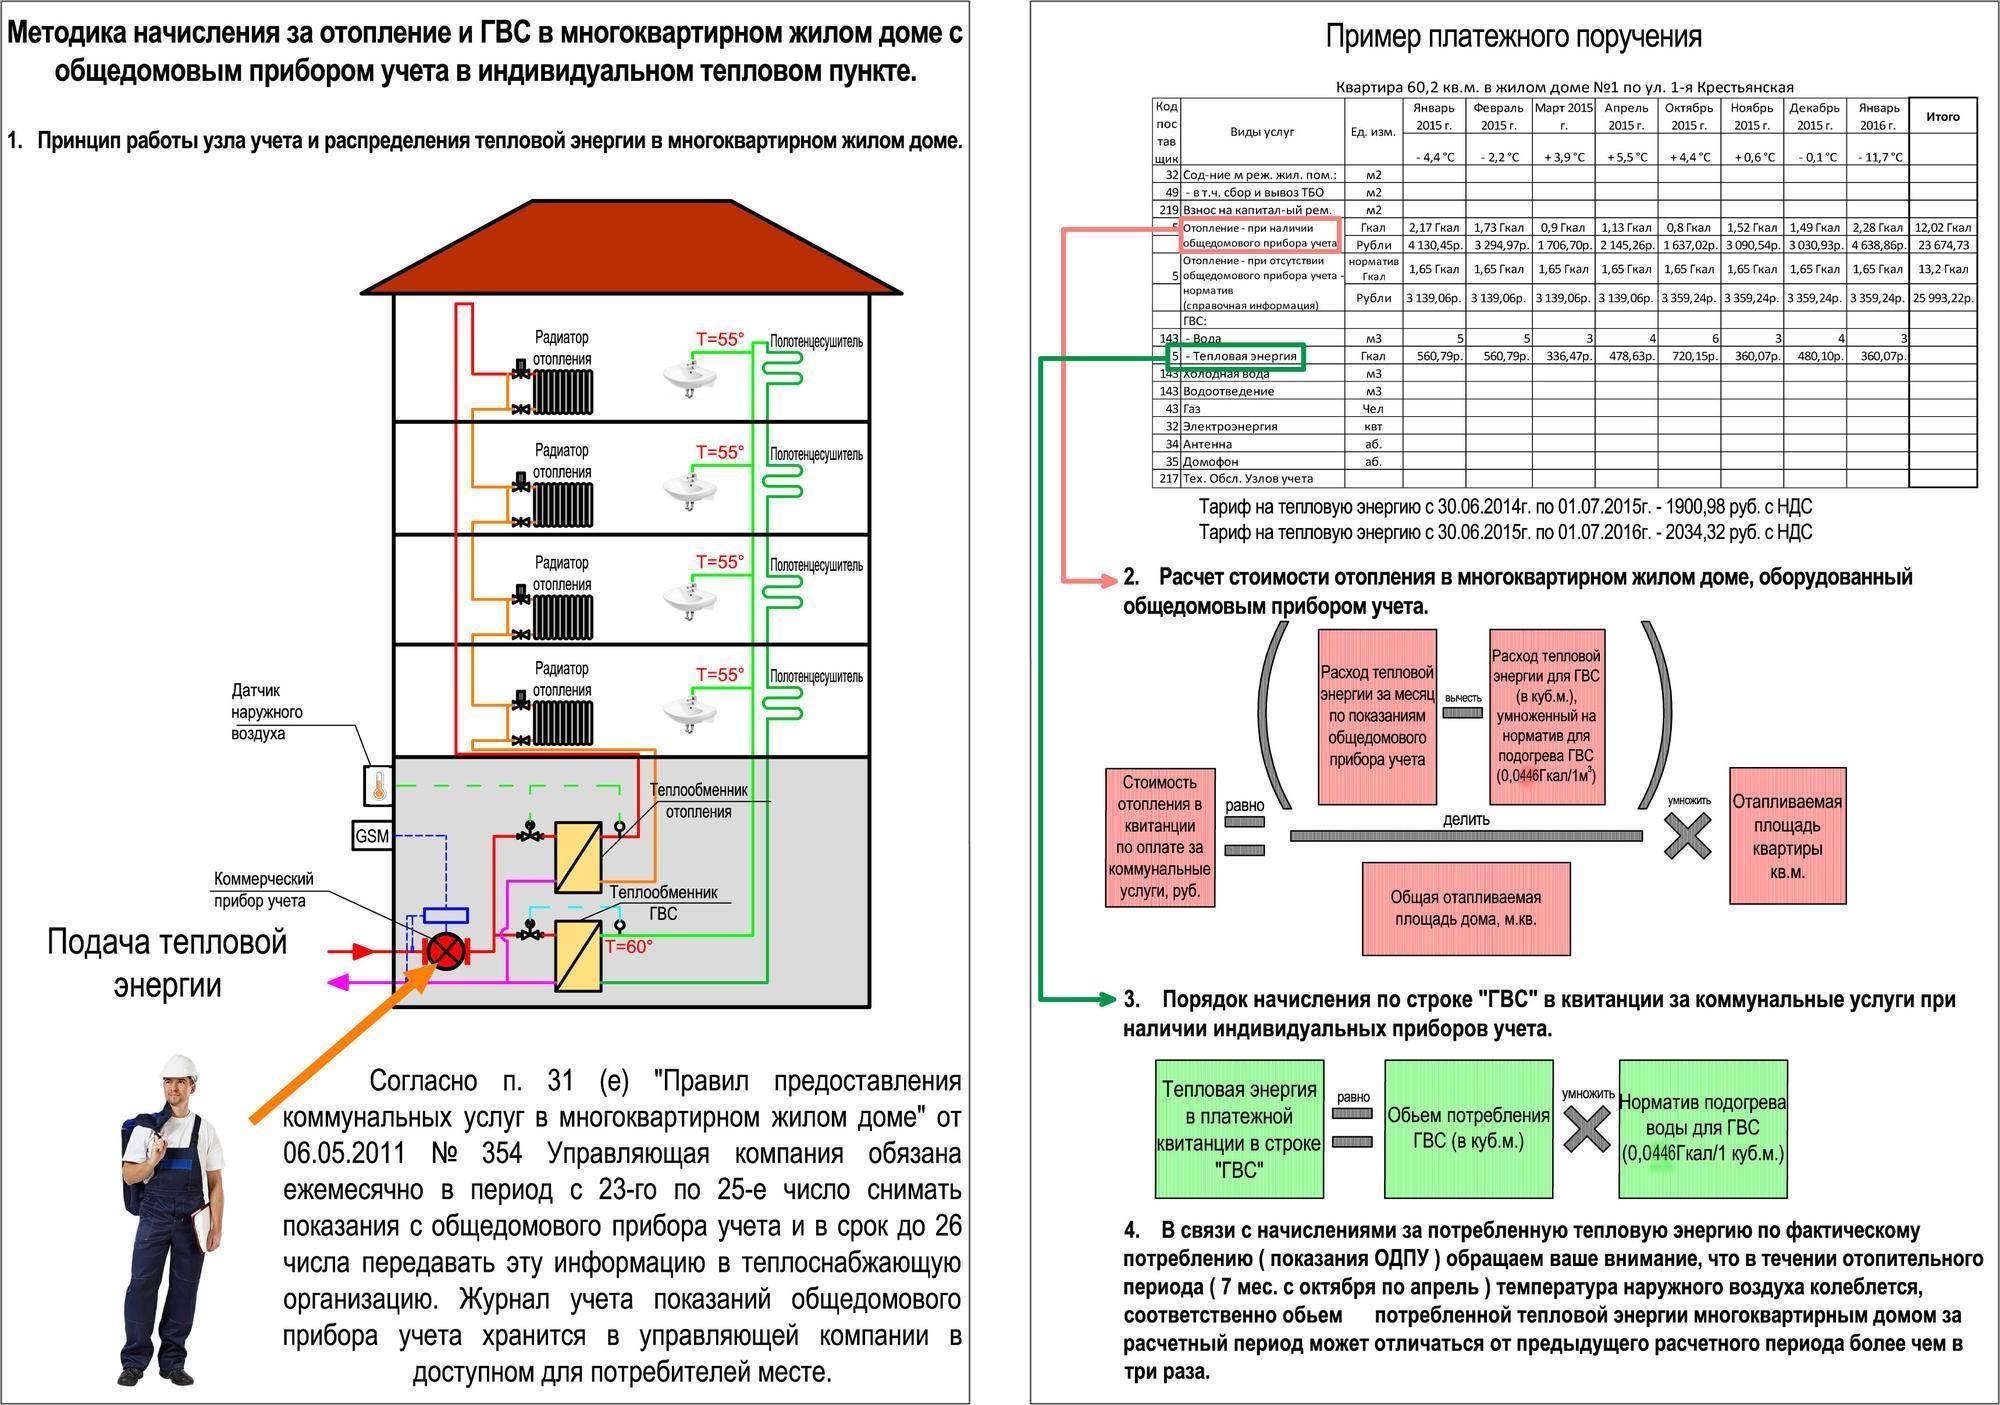 Установка одпу — что это? кто должен оплачивать установку общедомовых приборов учета? :: businessman.ru